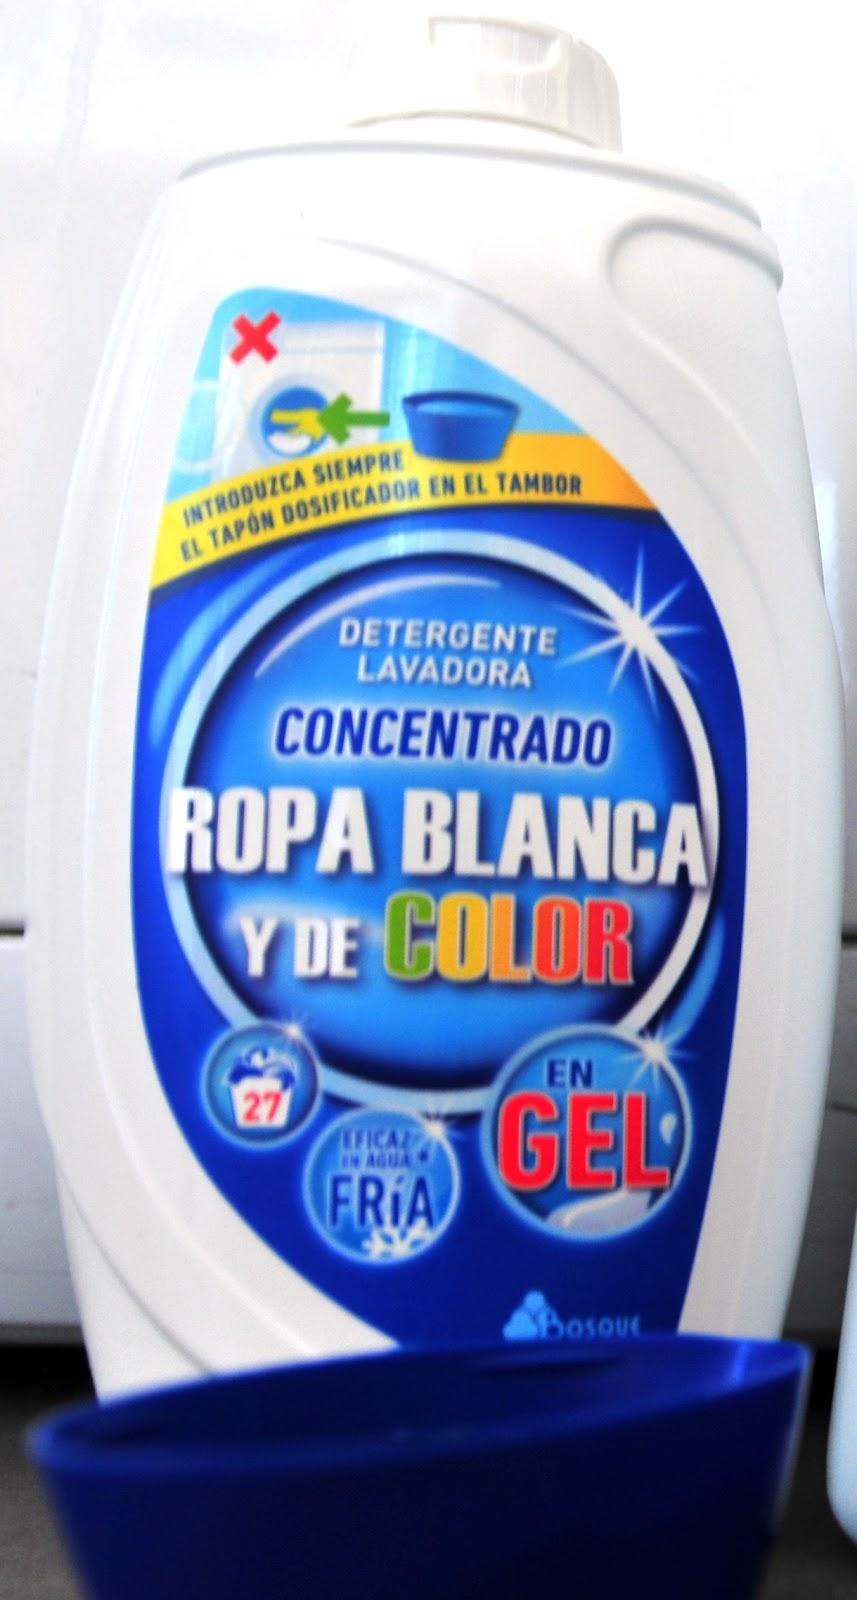 Dimeqme trucos de lavado for Cual es el mejor detergente para lavadora